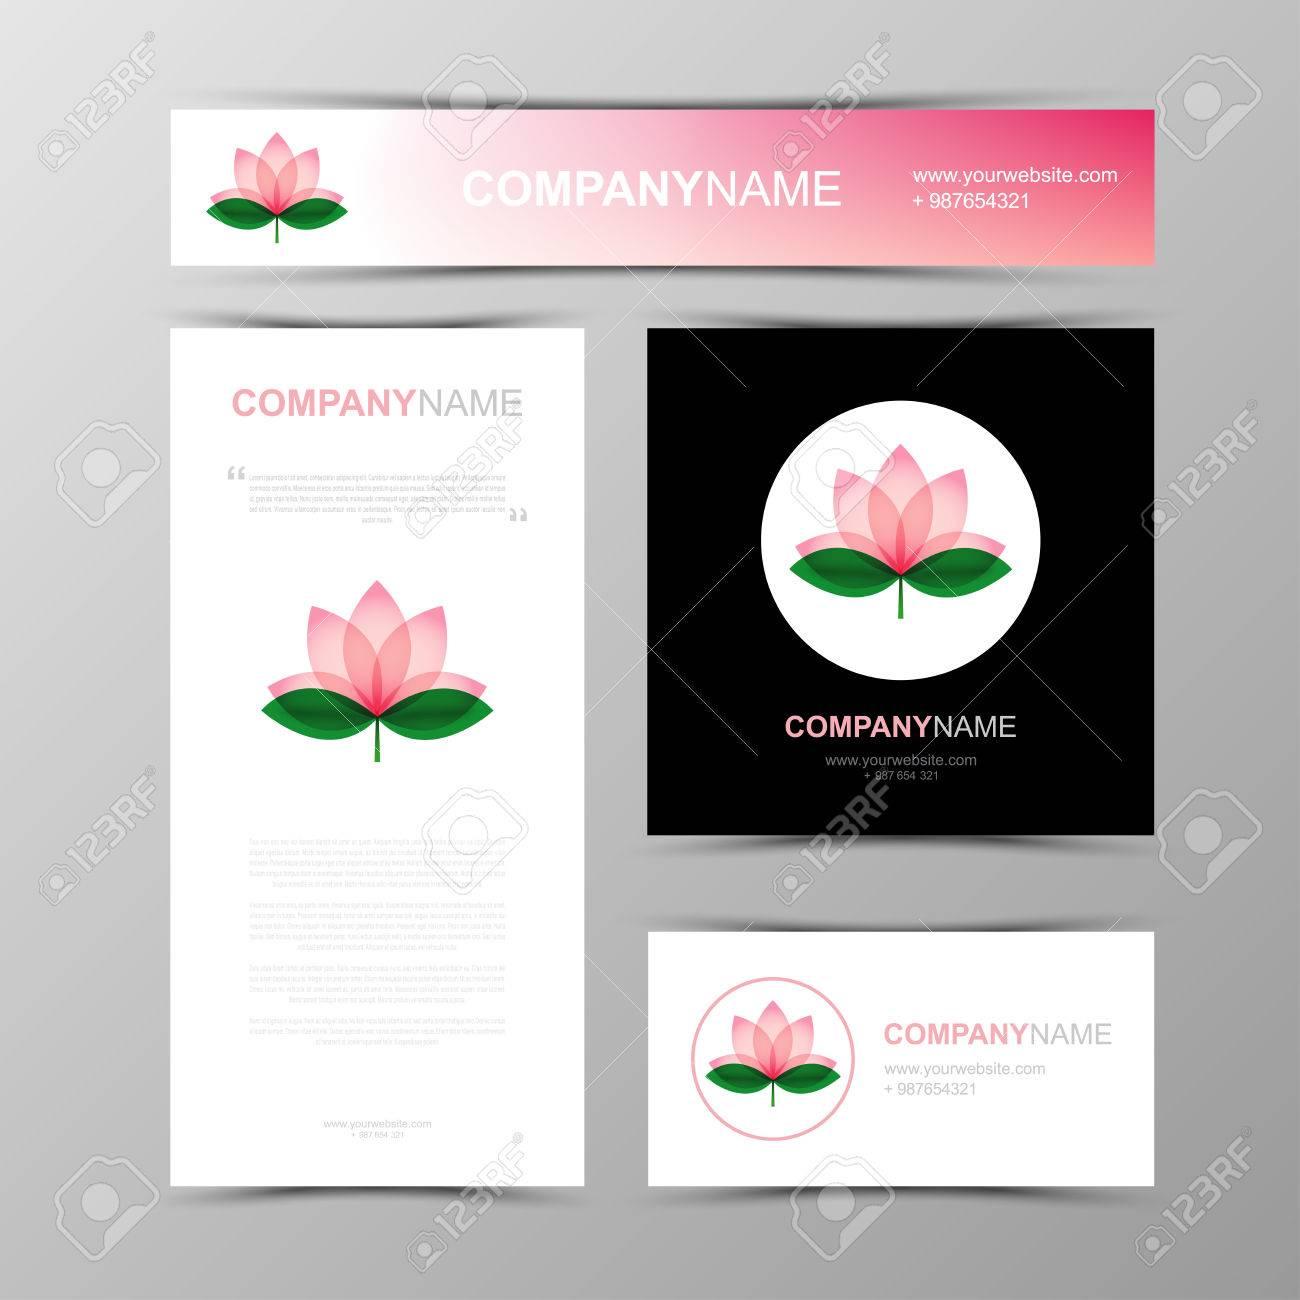 Carte De Visite Bannieres Et Brochure Modele Lotus Icones Fleurs Logos Les Lignes Contour Design Plat